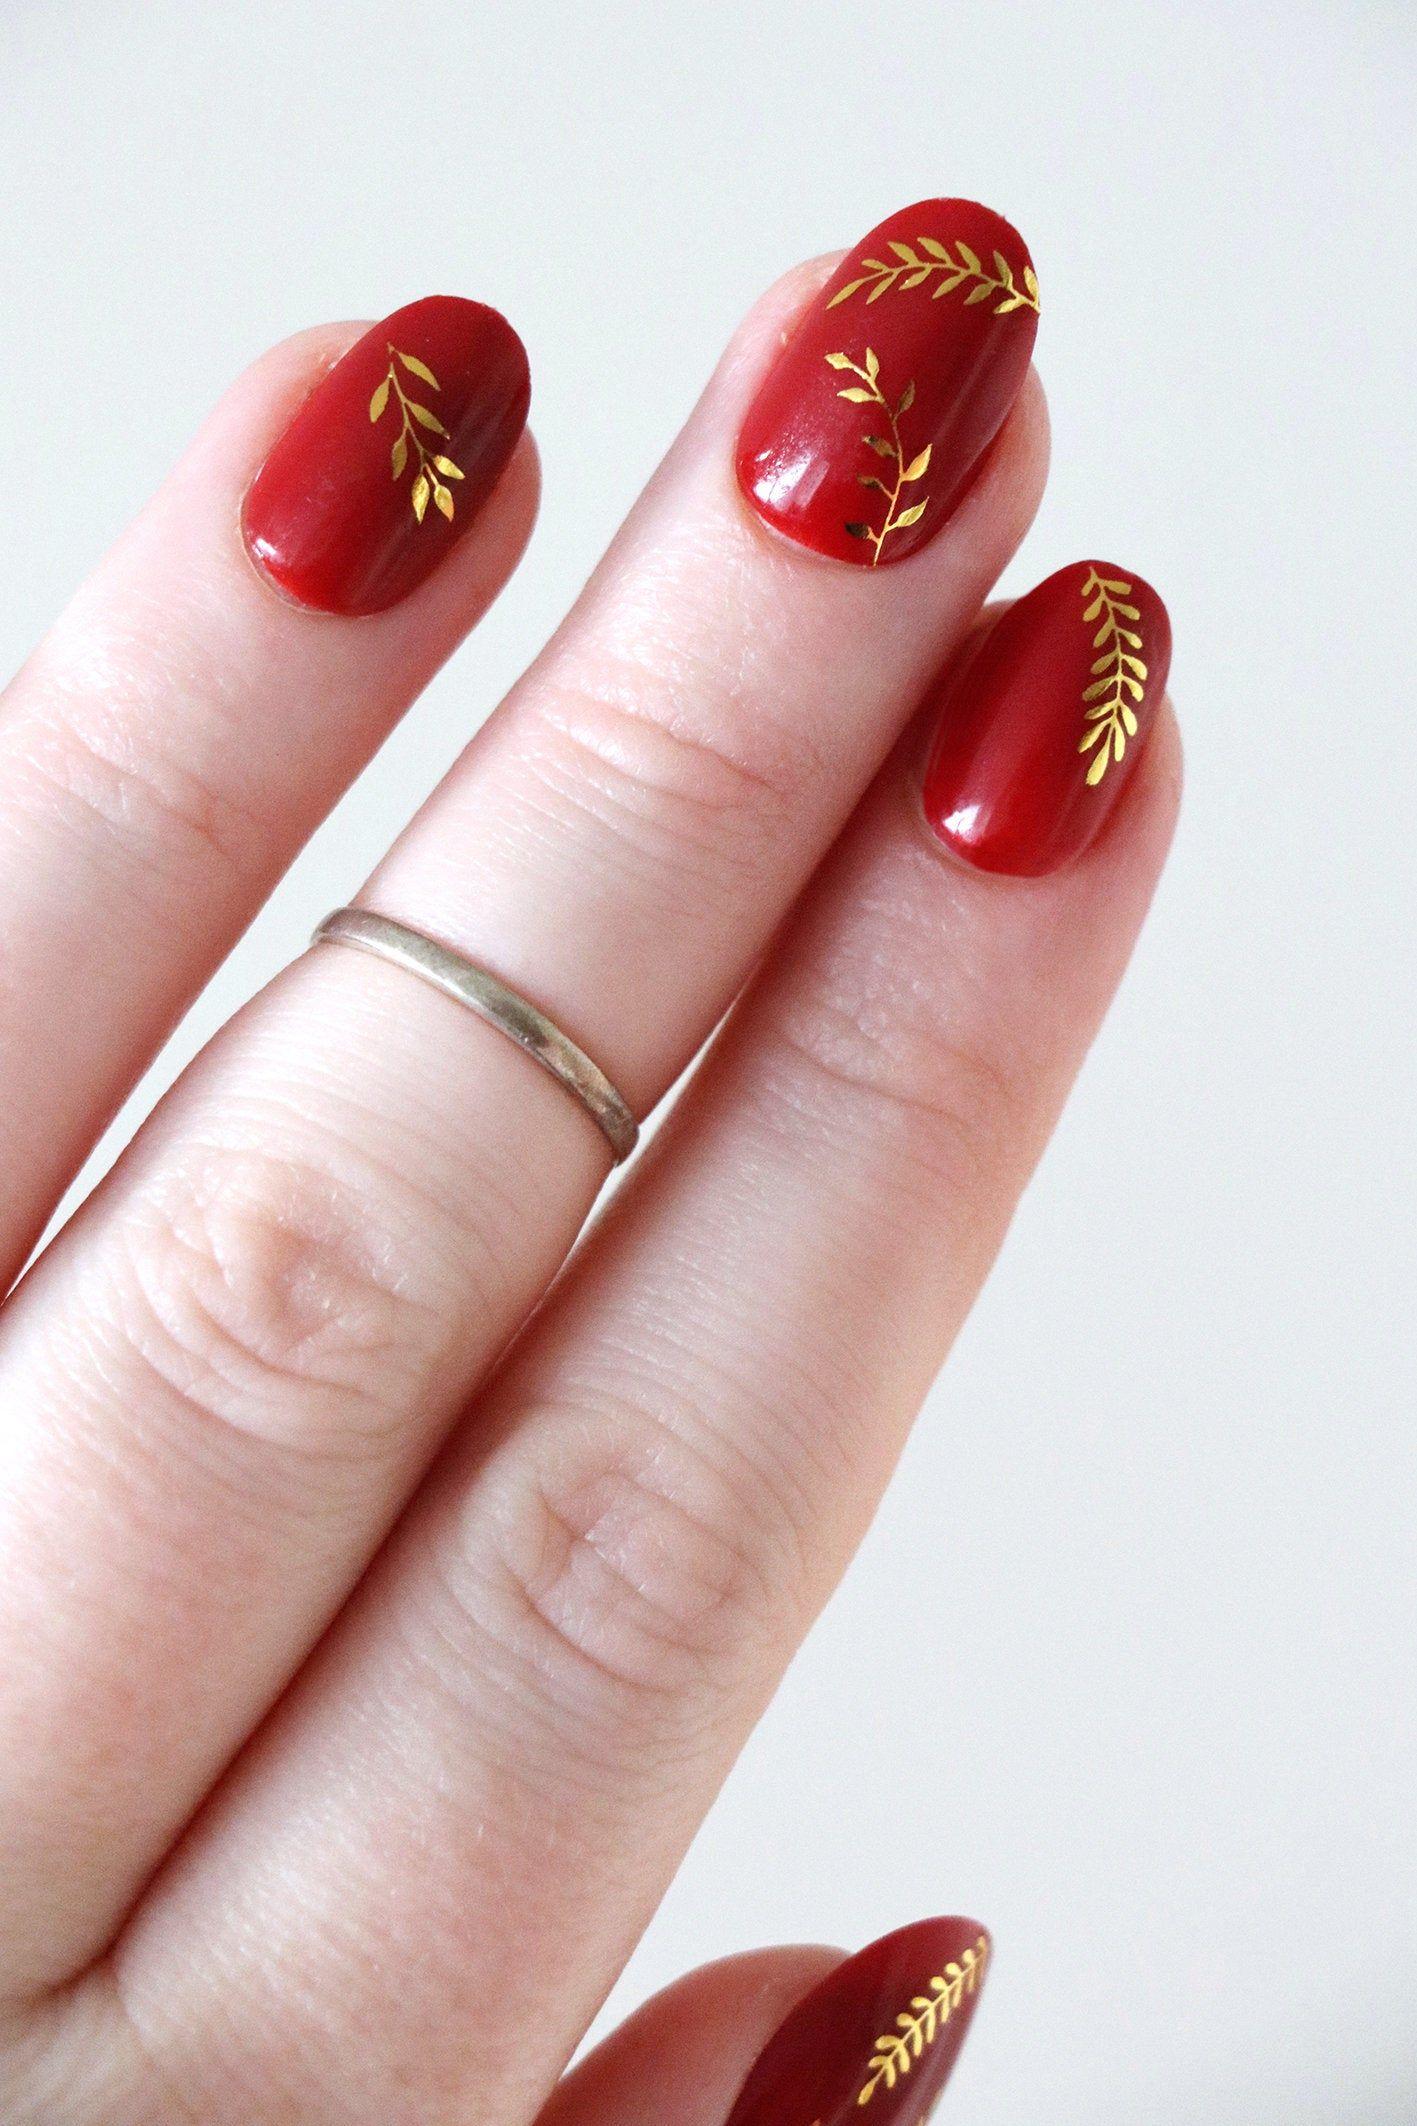 Gold leaves nail tattoos / gold nail decals / nail art /   Etsy